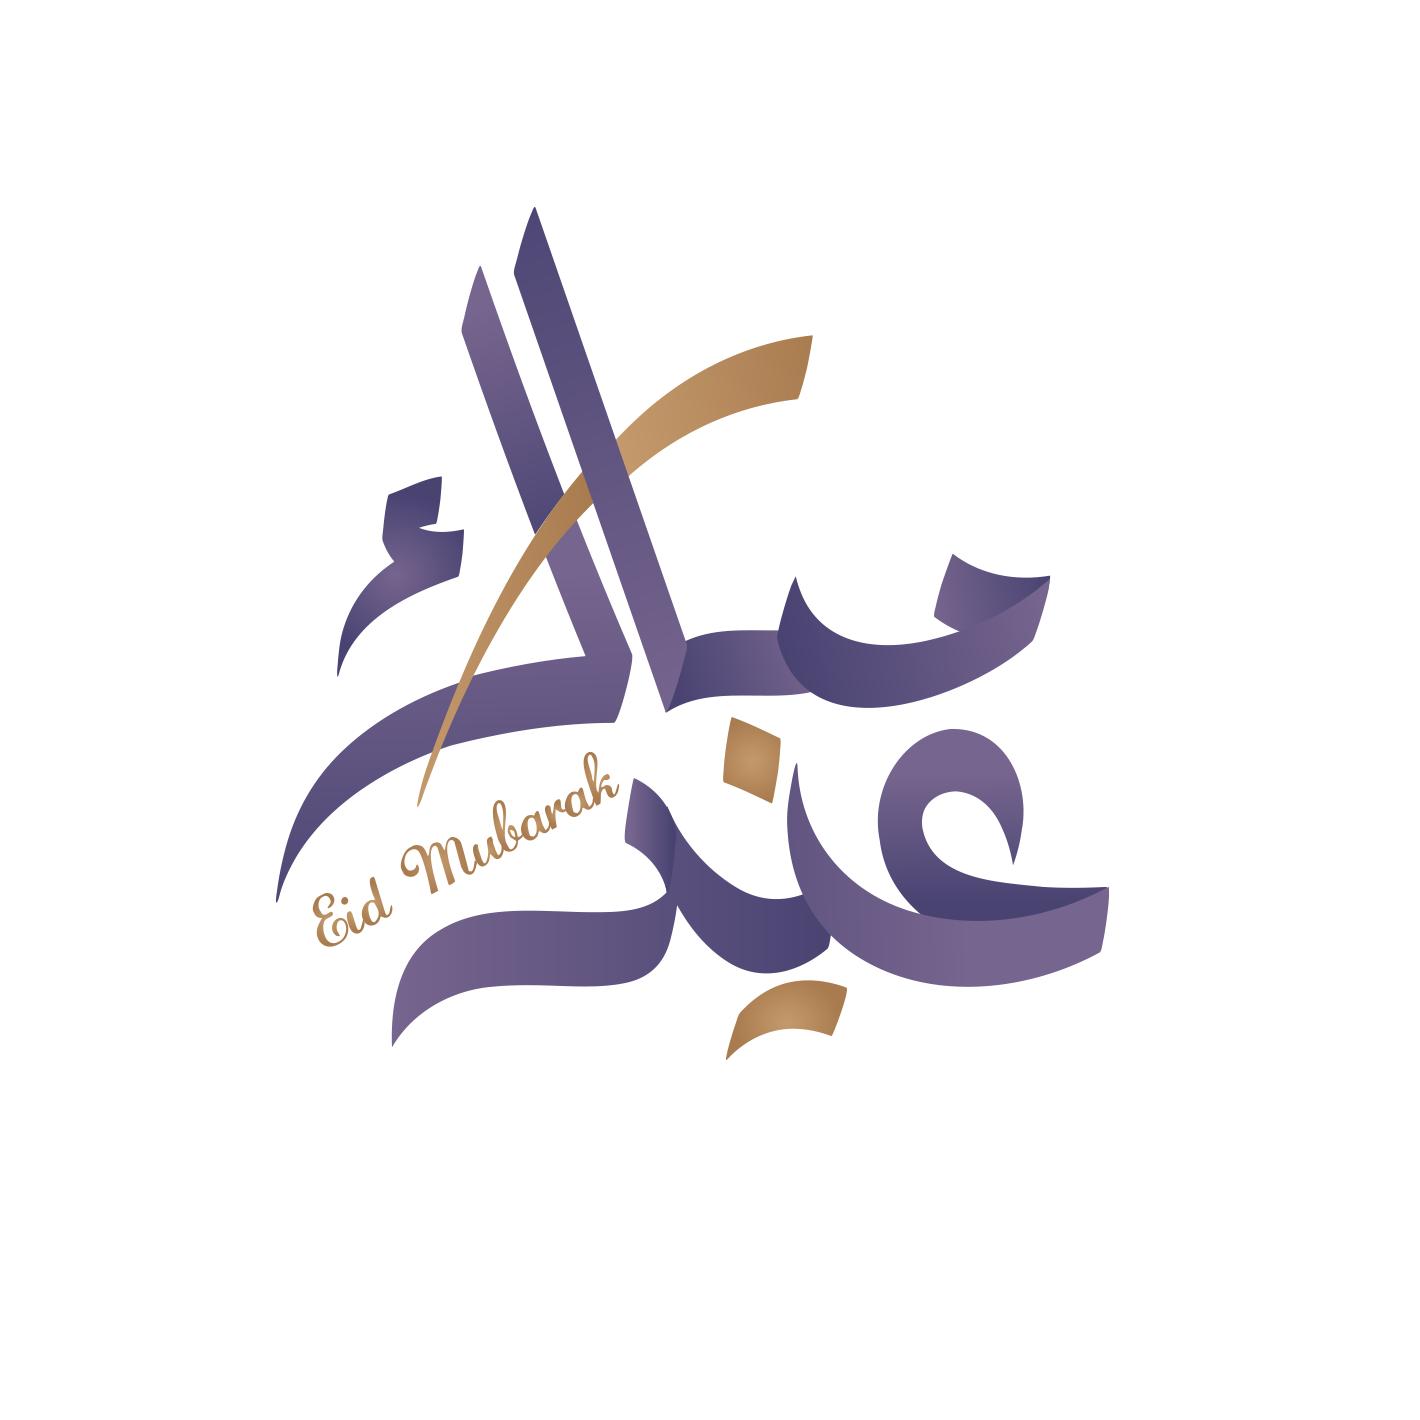 مجموعة مخطوطات بمناسبة العيد متاحة للتحميل مجانا Eid Cards Eid Greetings Eid Wallpaper